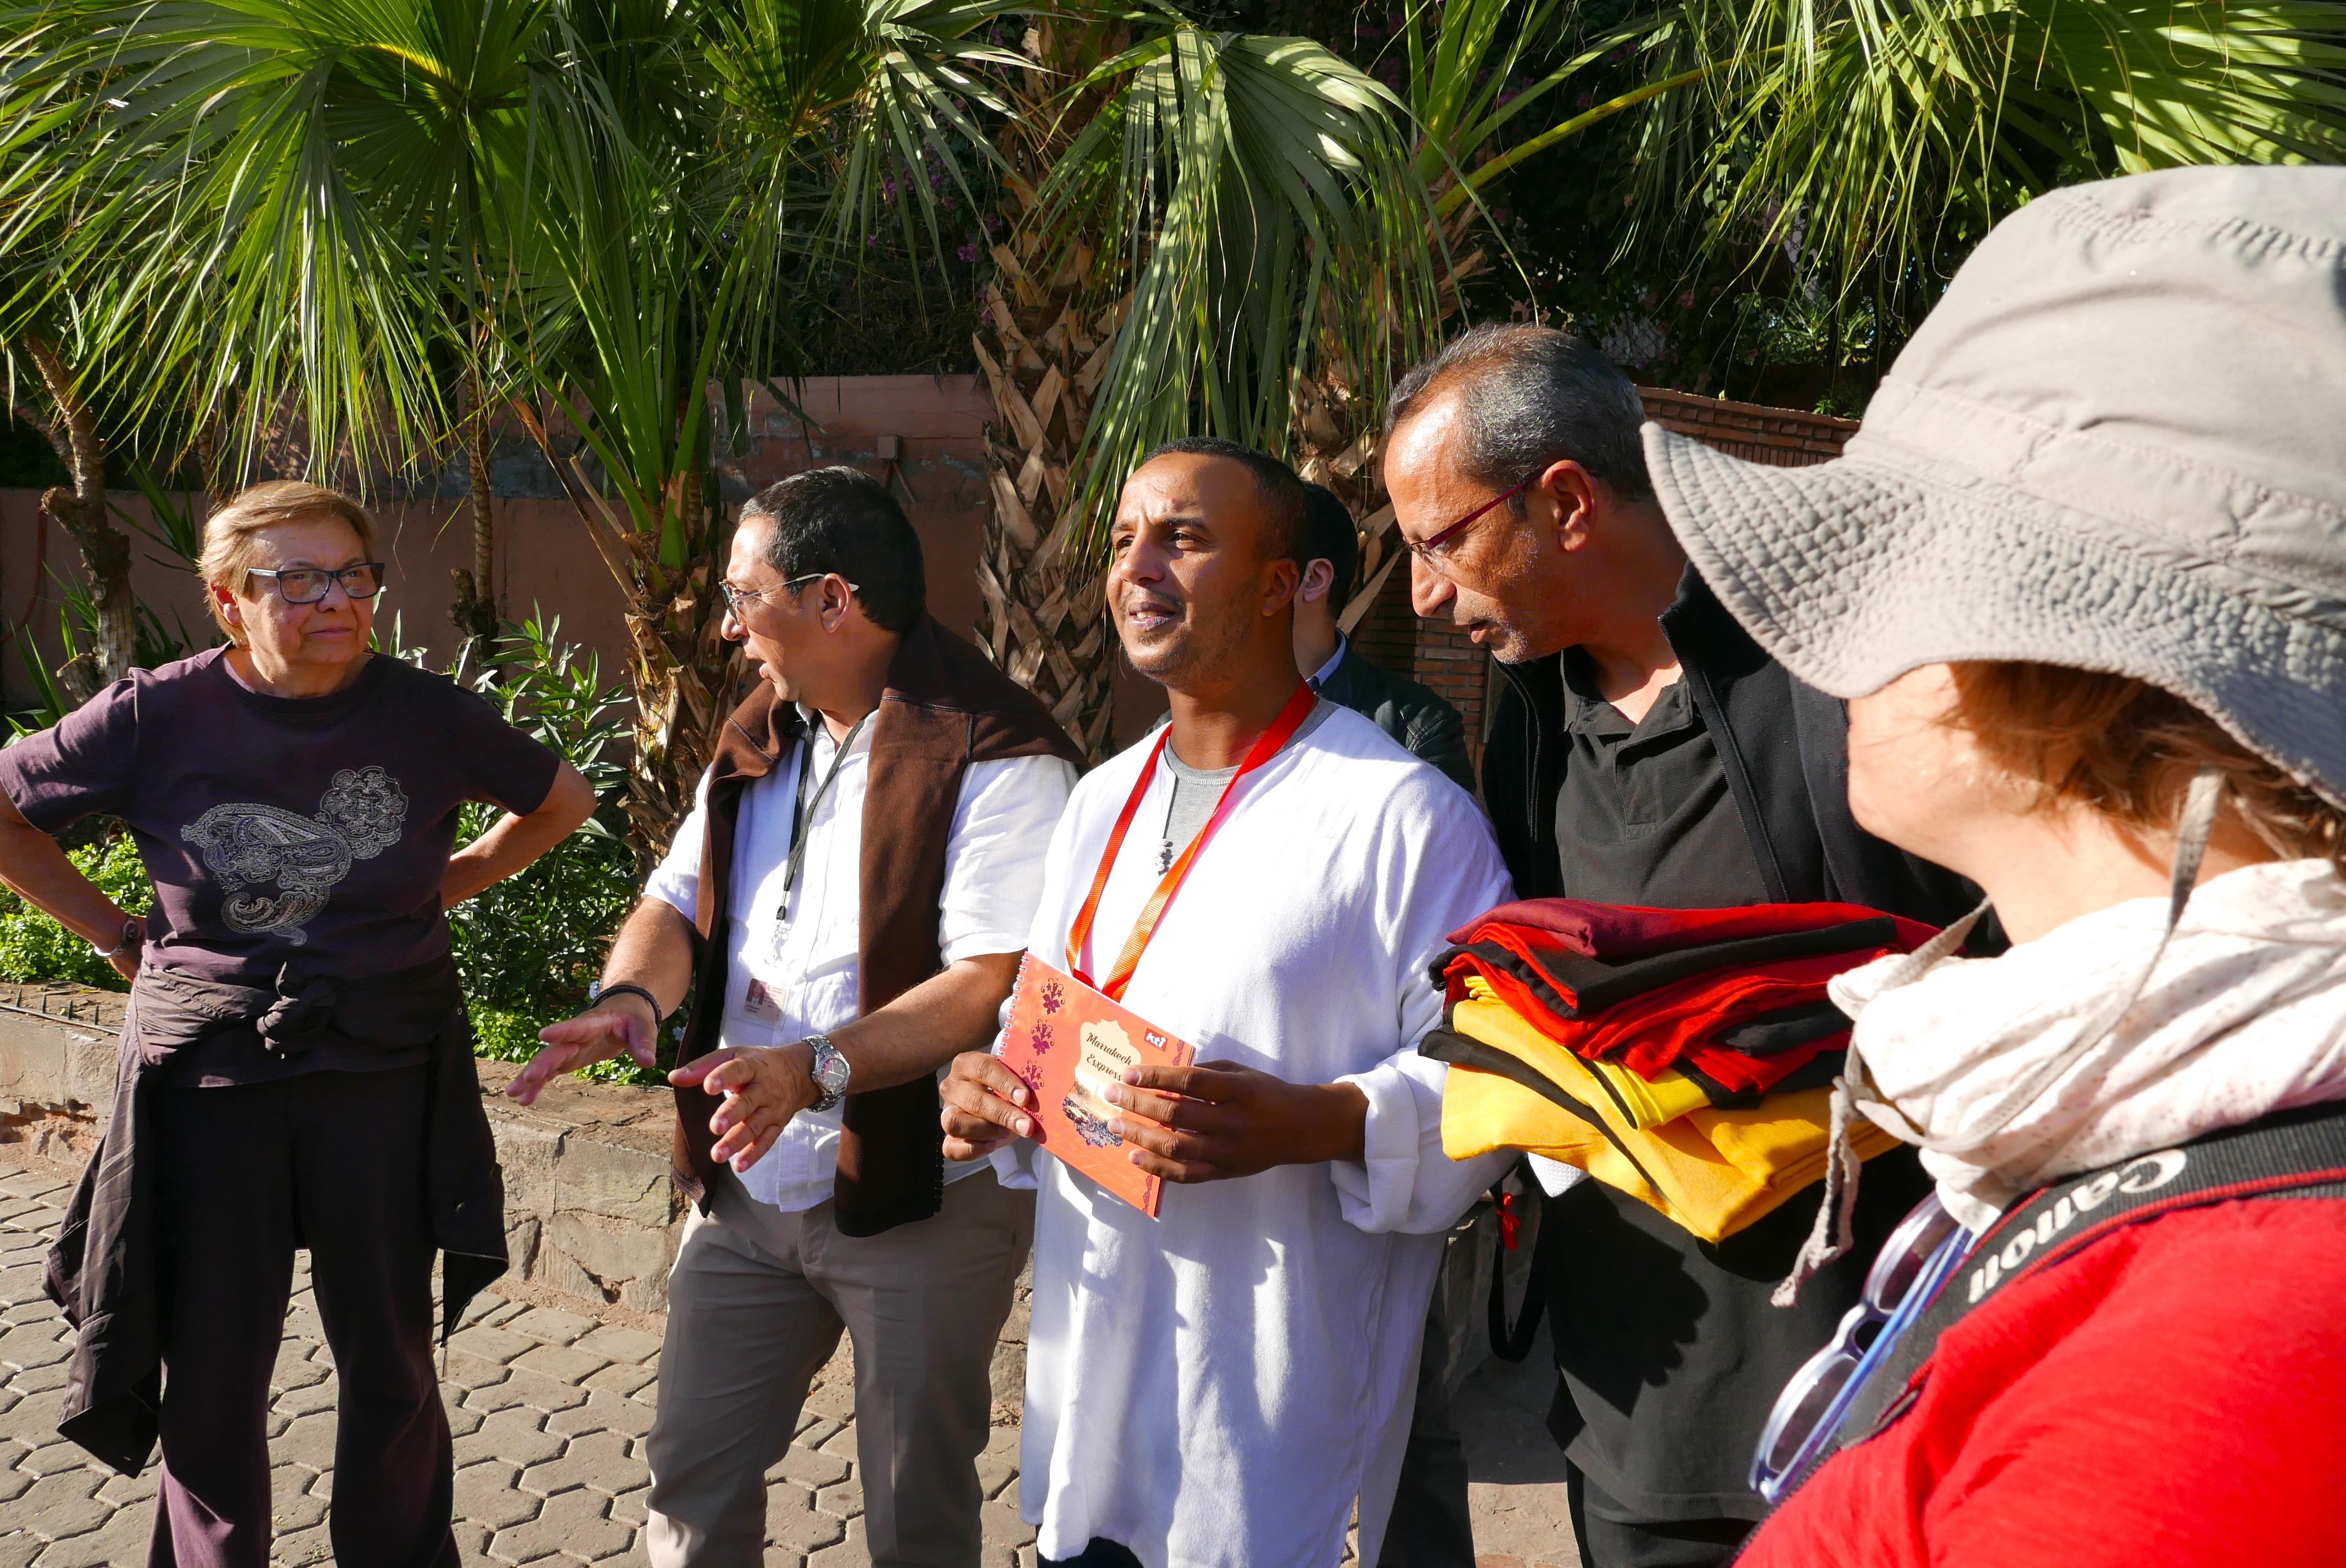 De volta à Medina, os participantes do famtour ouvem as regras da gincana que os conduzirá, de uma maneira muito divertida, ao coração do Souk